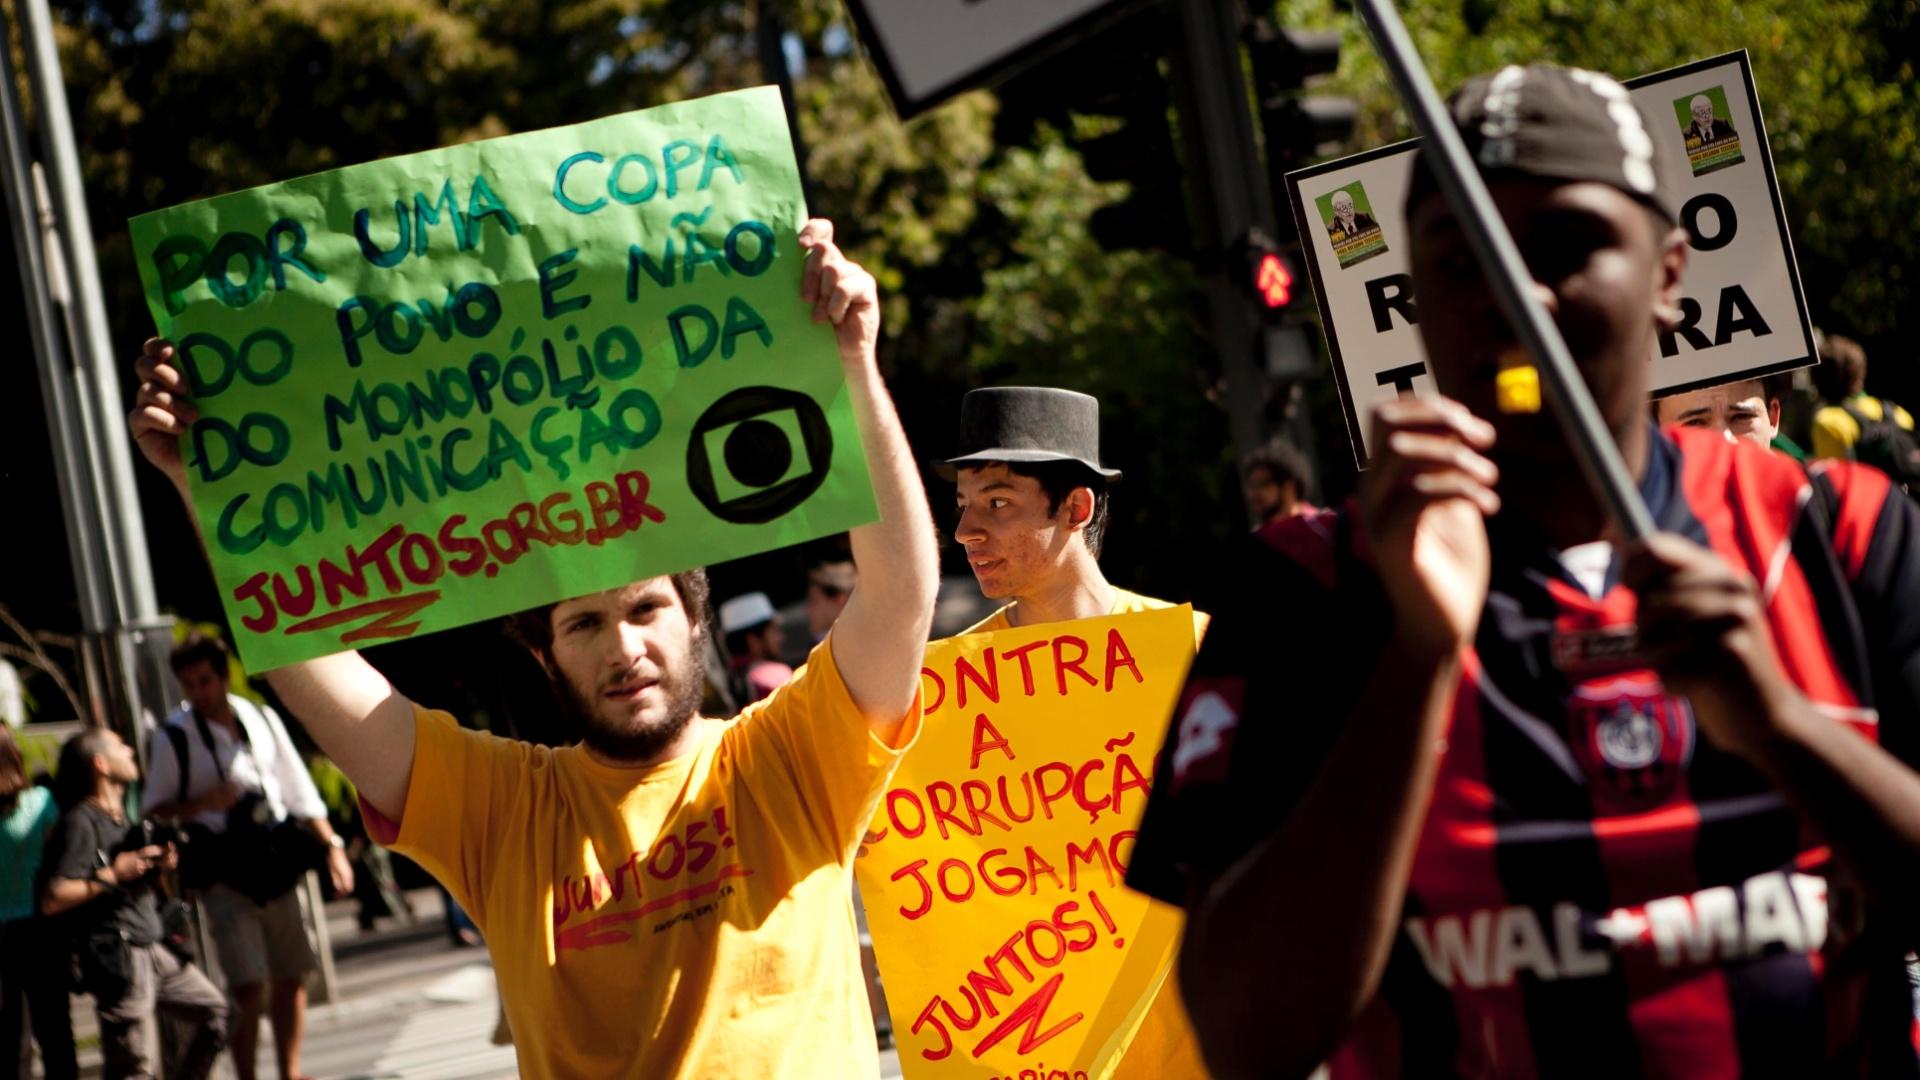 http://portal4.files.wordpress.com/2013/06/globo-e-citada-em-protesto-contra-ricardo-teixeira-em-sao-paulo-13082011-1313259103487_1920x1080.jpg